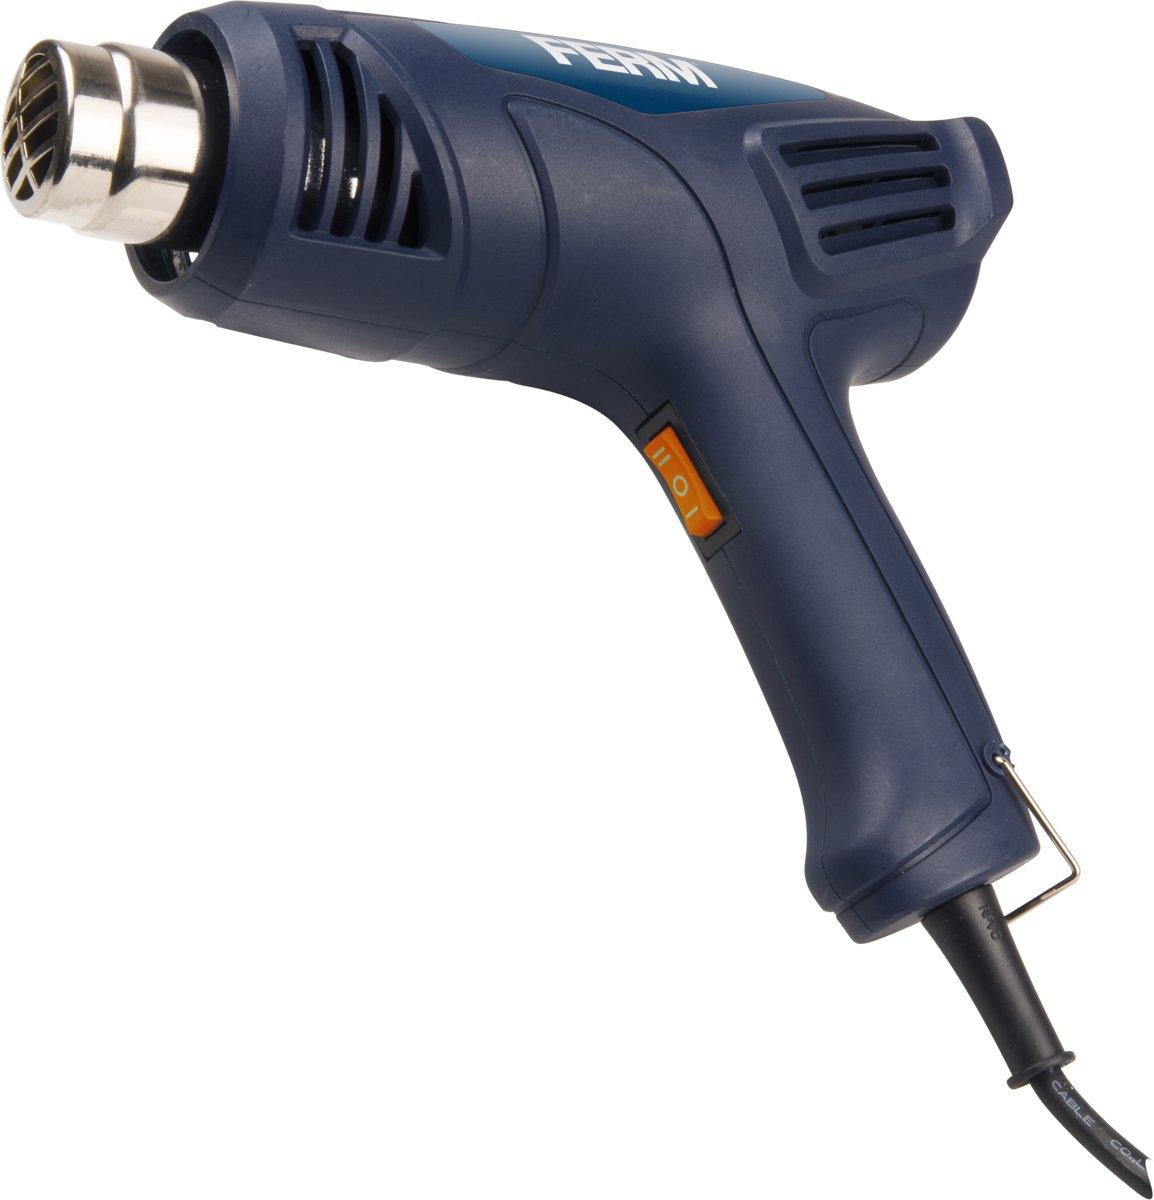 FERM HAM1015 - Heteluchtpistool/ Verfbrander 2000W - 2 temperatuurstanden – Incl. 2 opzetstukken en  koffer kopen